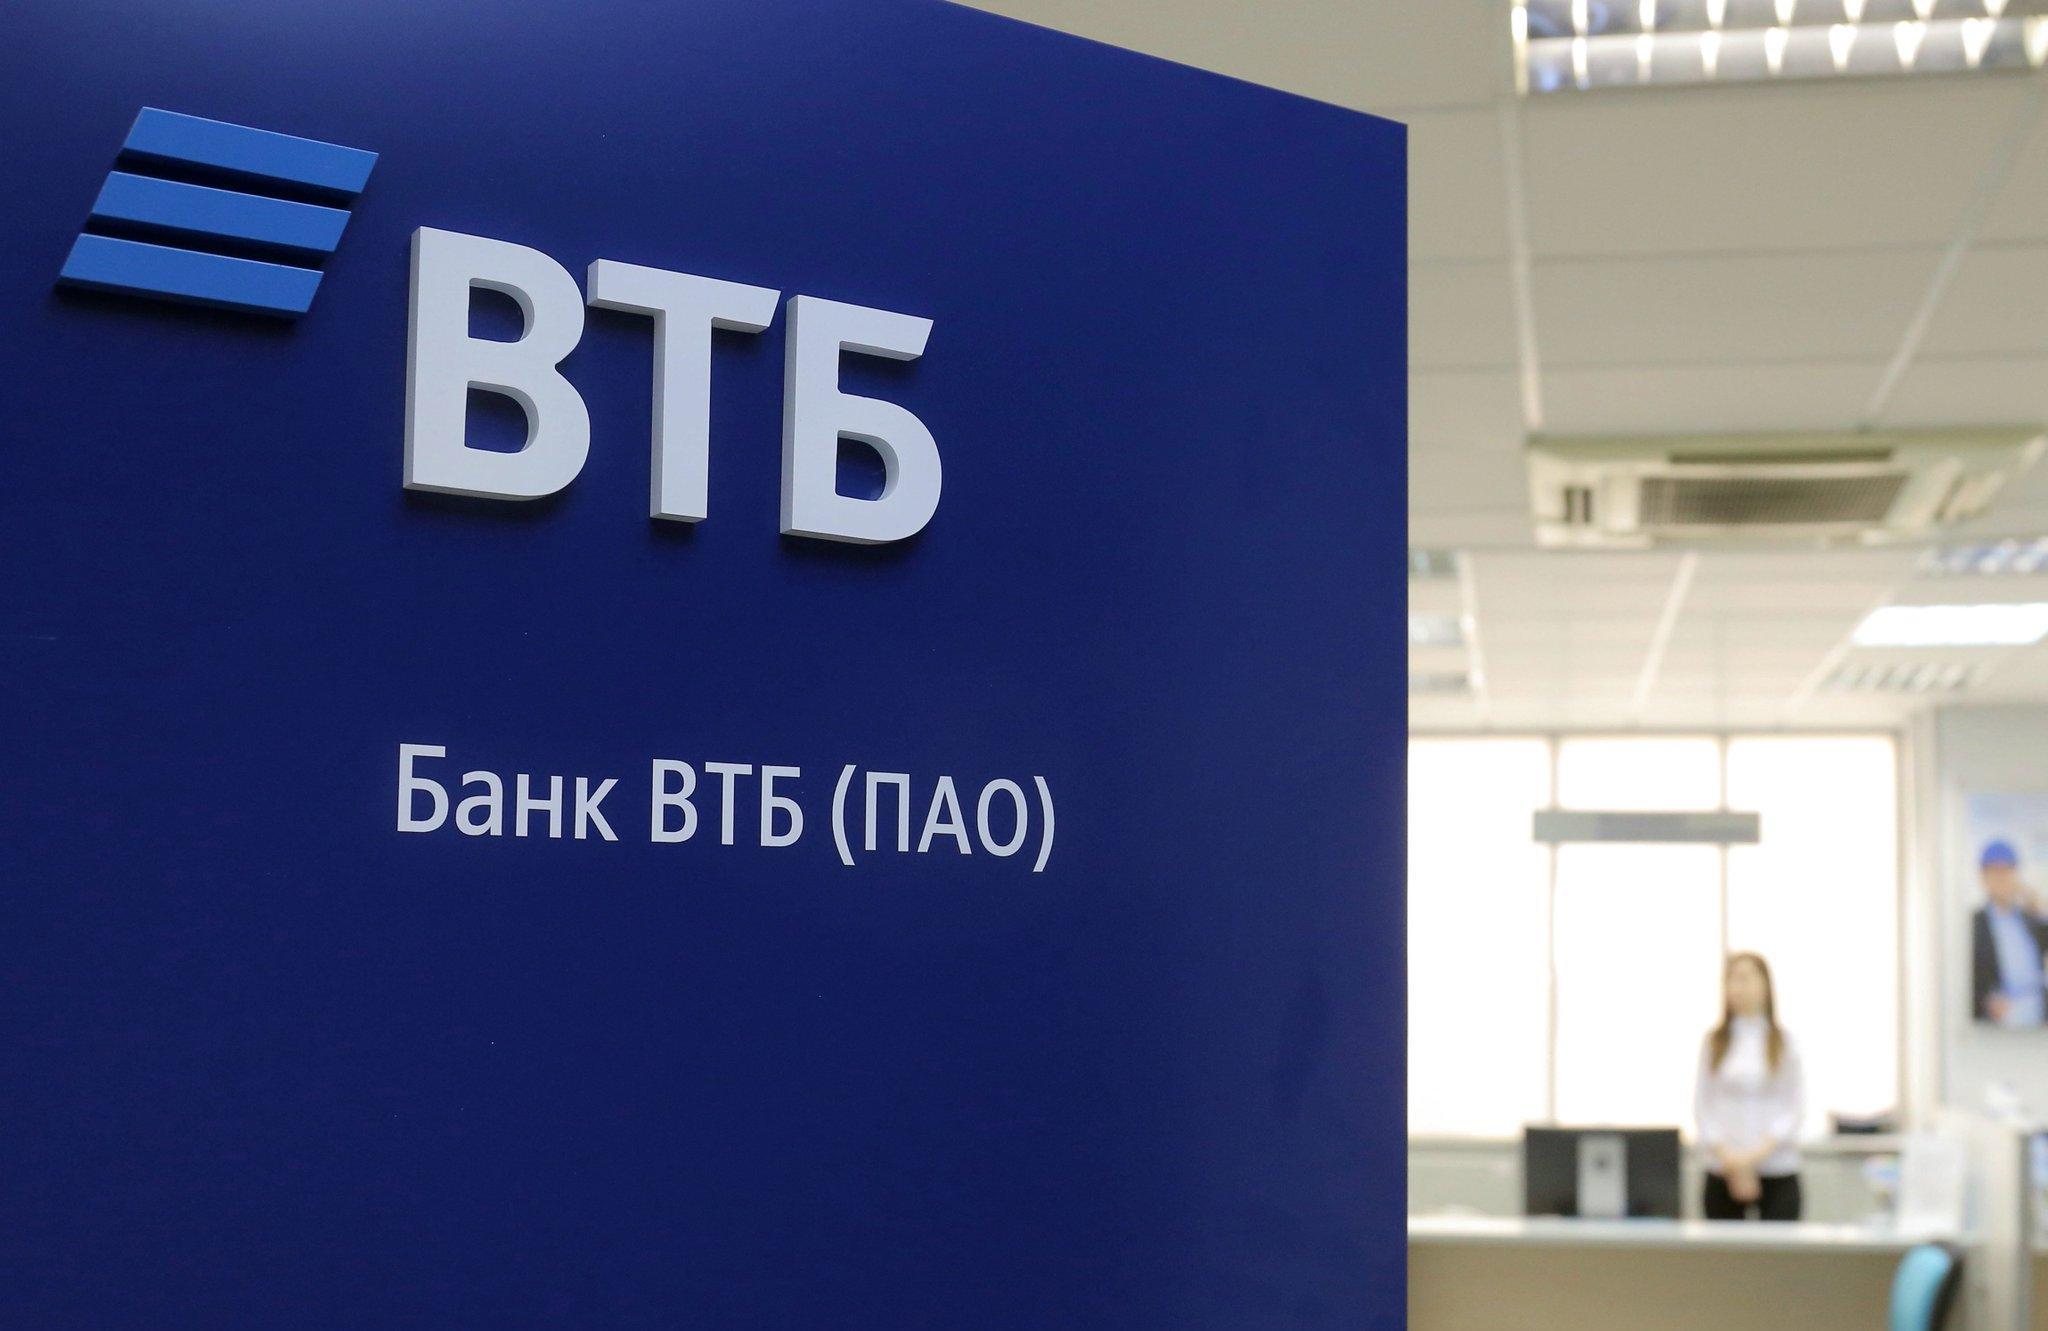 ВТБ нарастил портфель привлеченных средств физлиц на 15% - новости Афанасий